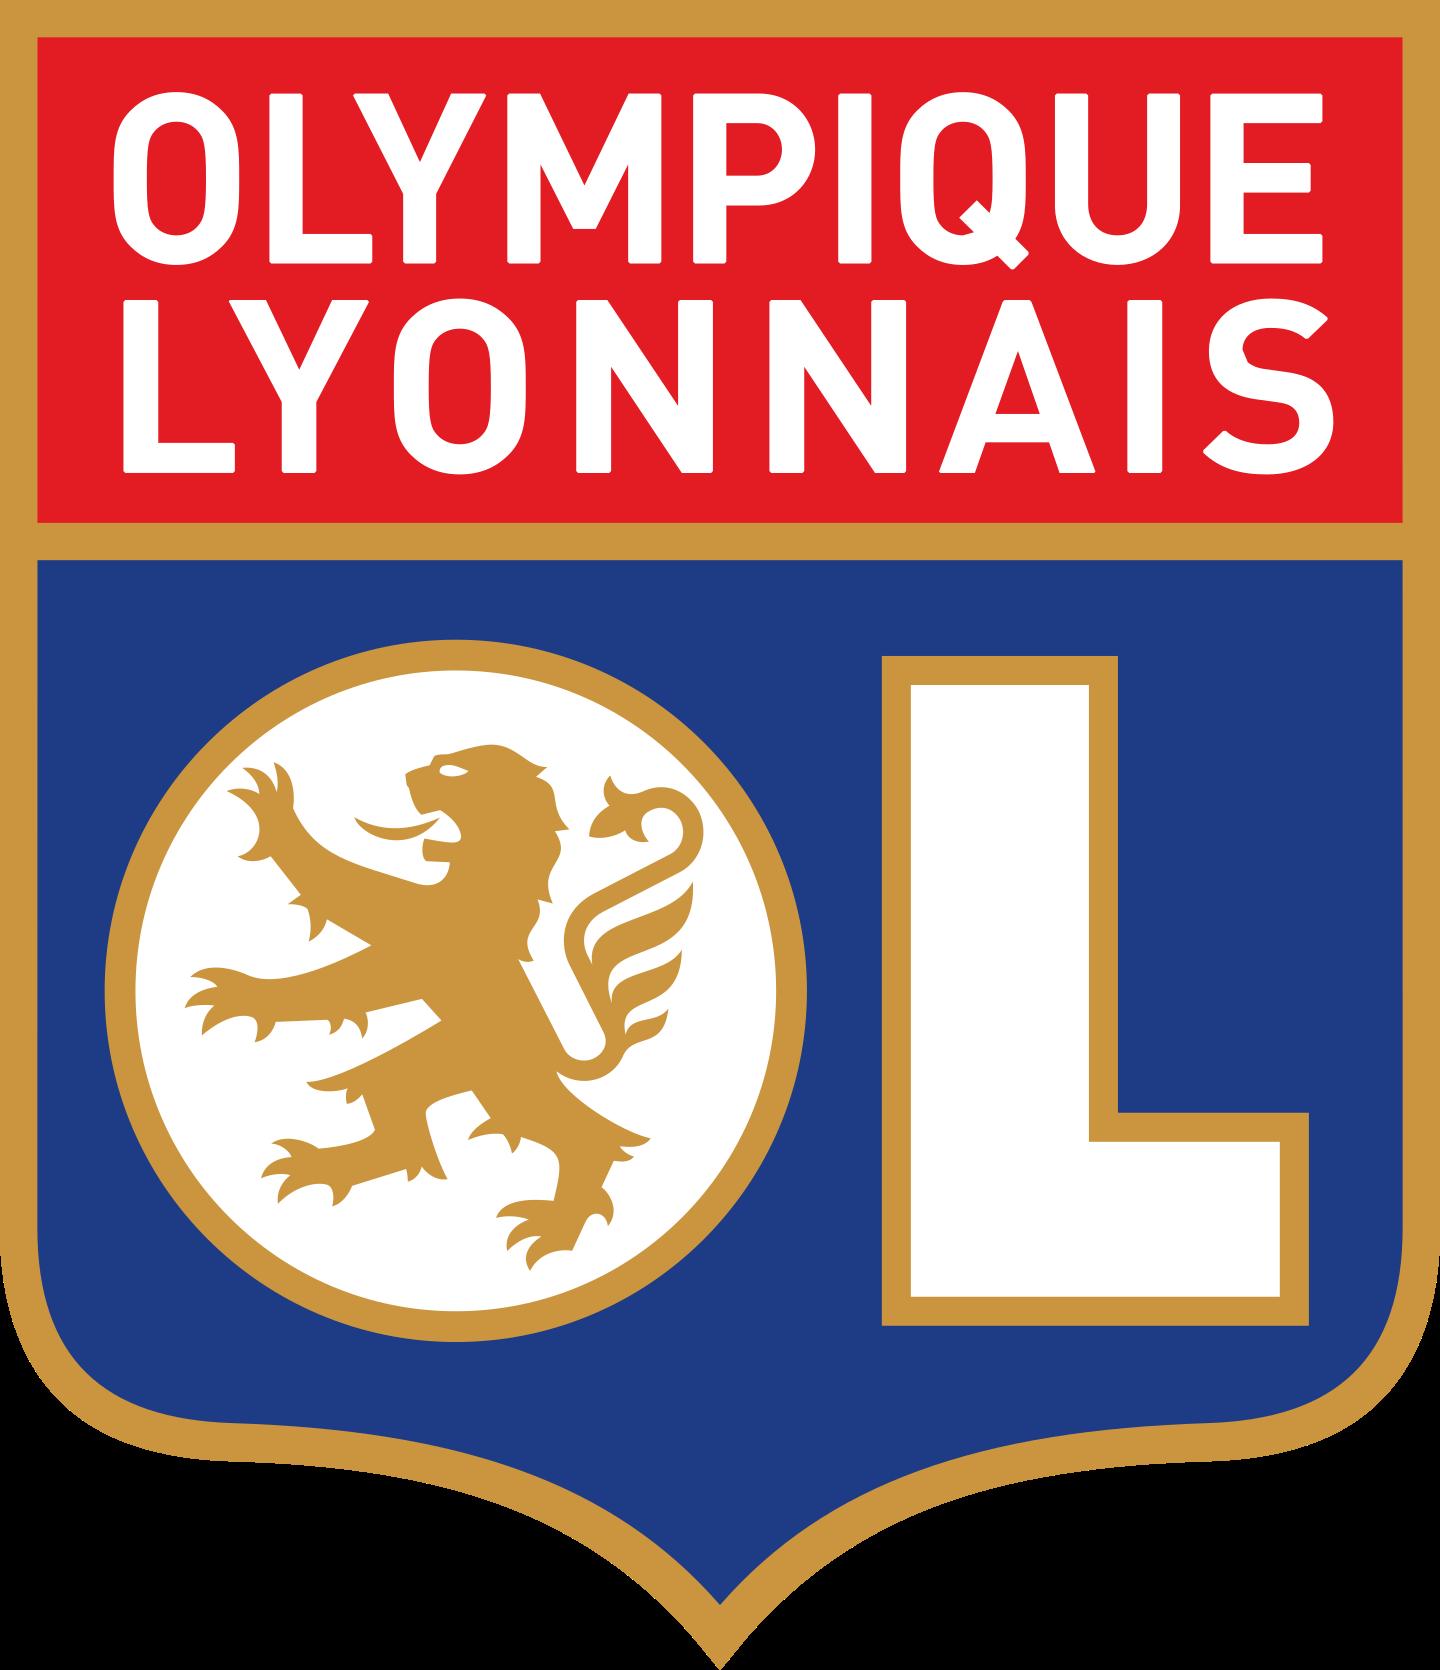 lyon logo 2 - Lyon Logo - Olympique Lyonnais Logo